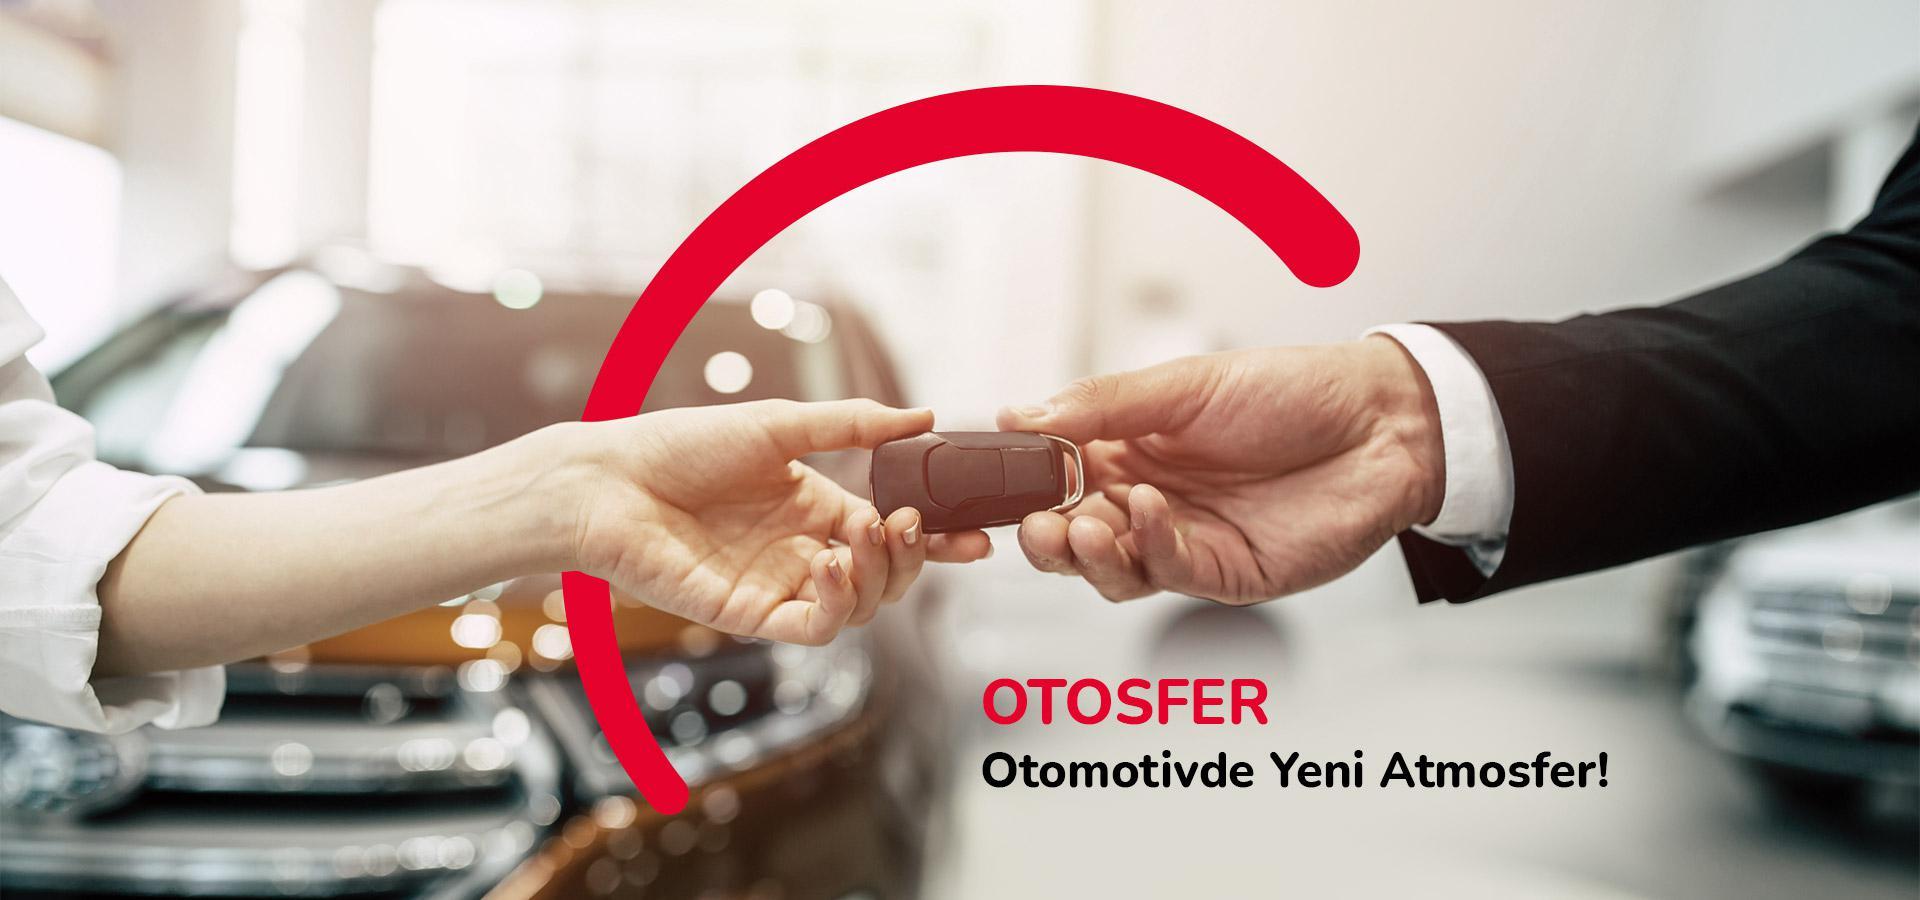 Otosfer